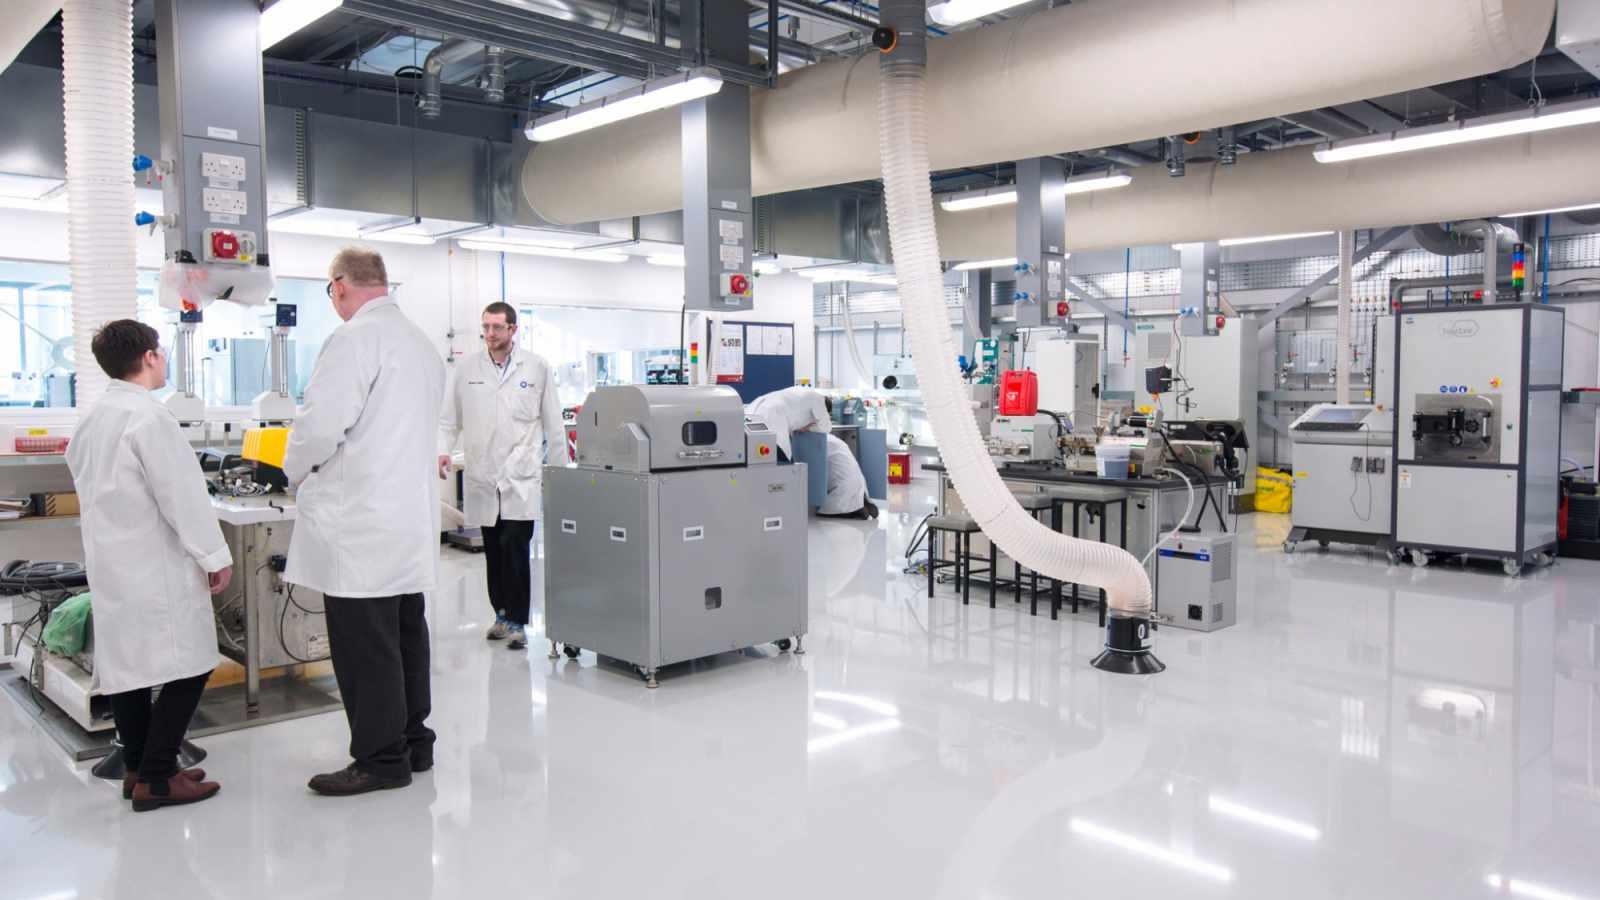 英プロセス・イノベーション・センターが中小企業のアディティブ・マニュファクチャリング導入に230万ポンドの助成金を支給